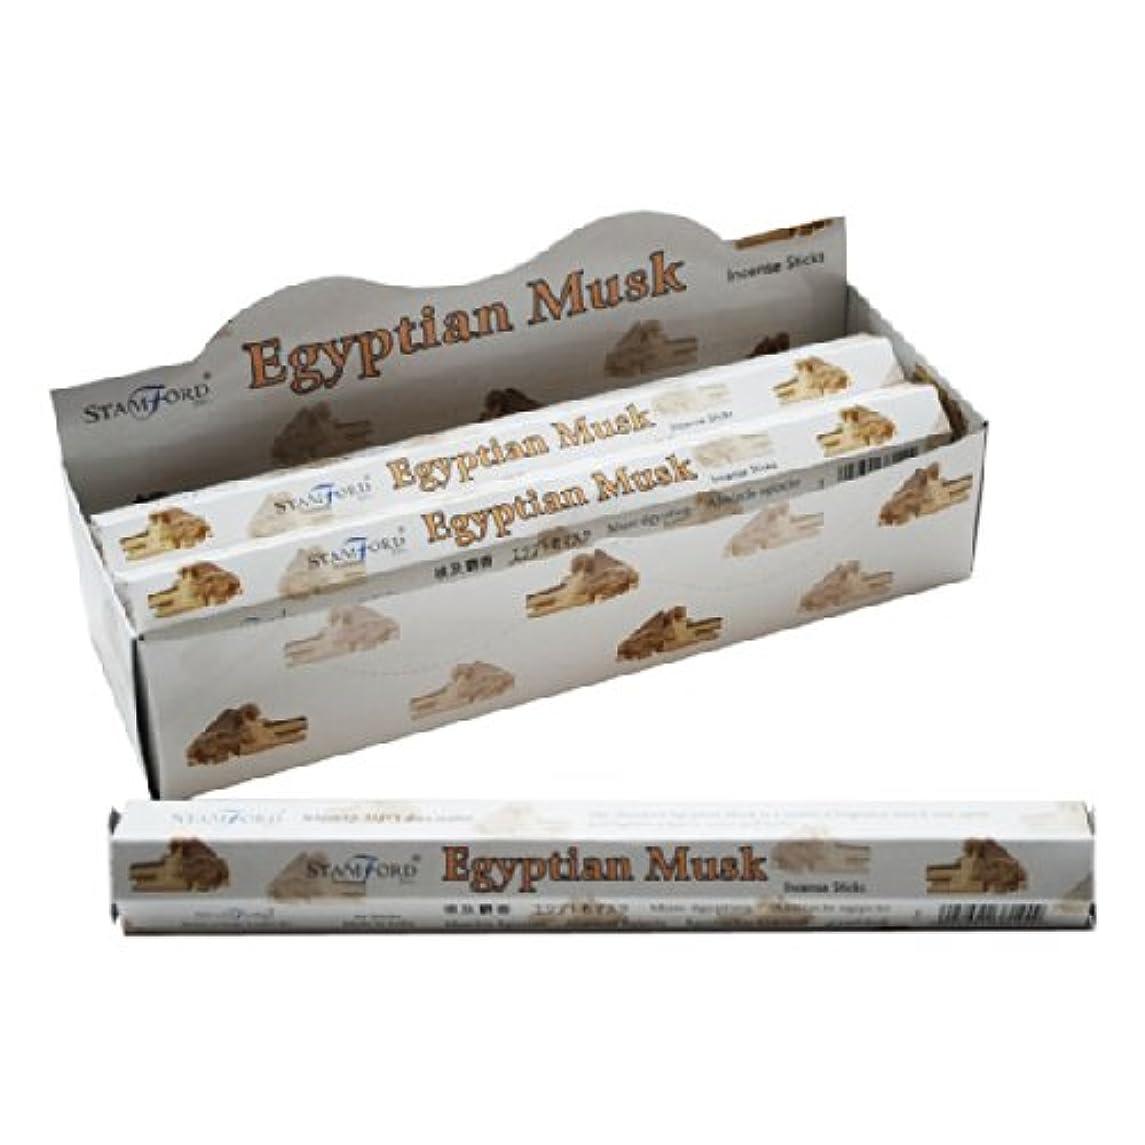 適応的拍手する湿原6 Packs Of Elements Egyptian Musk Incense Sticks